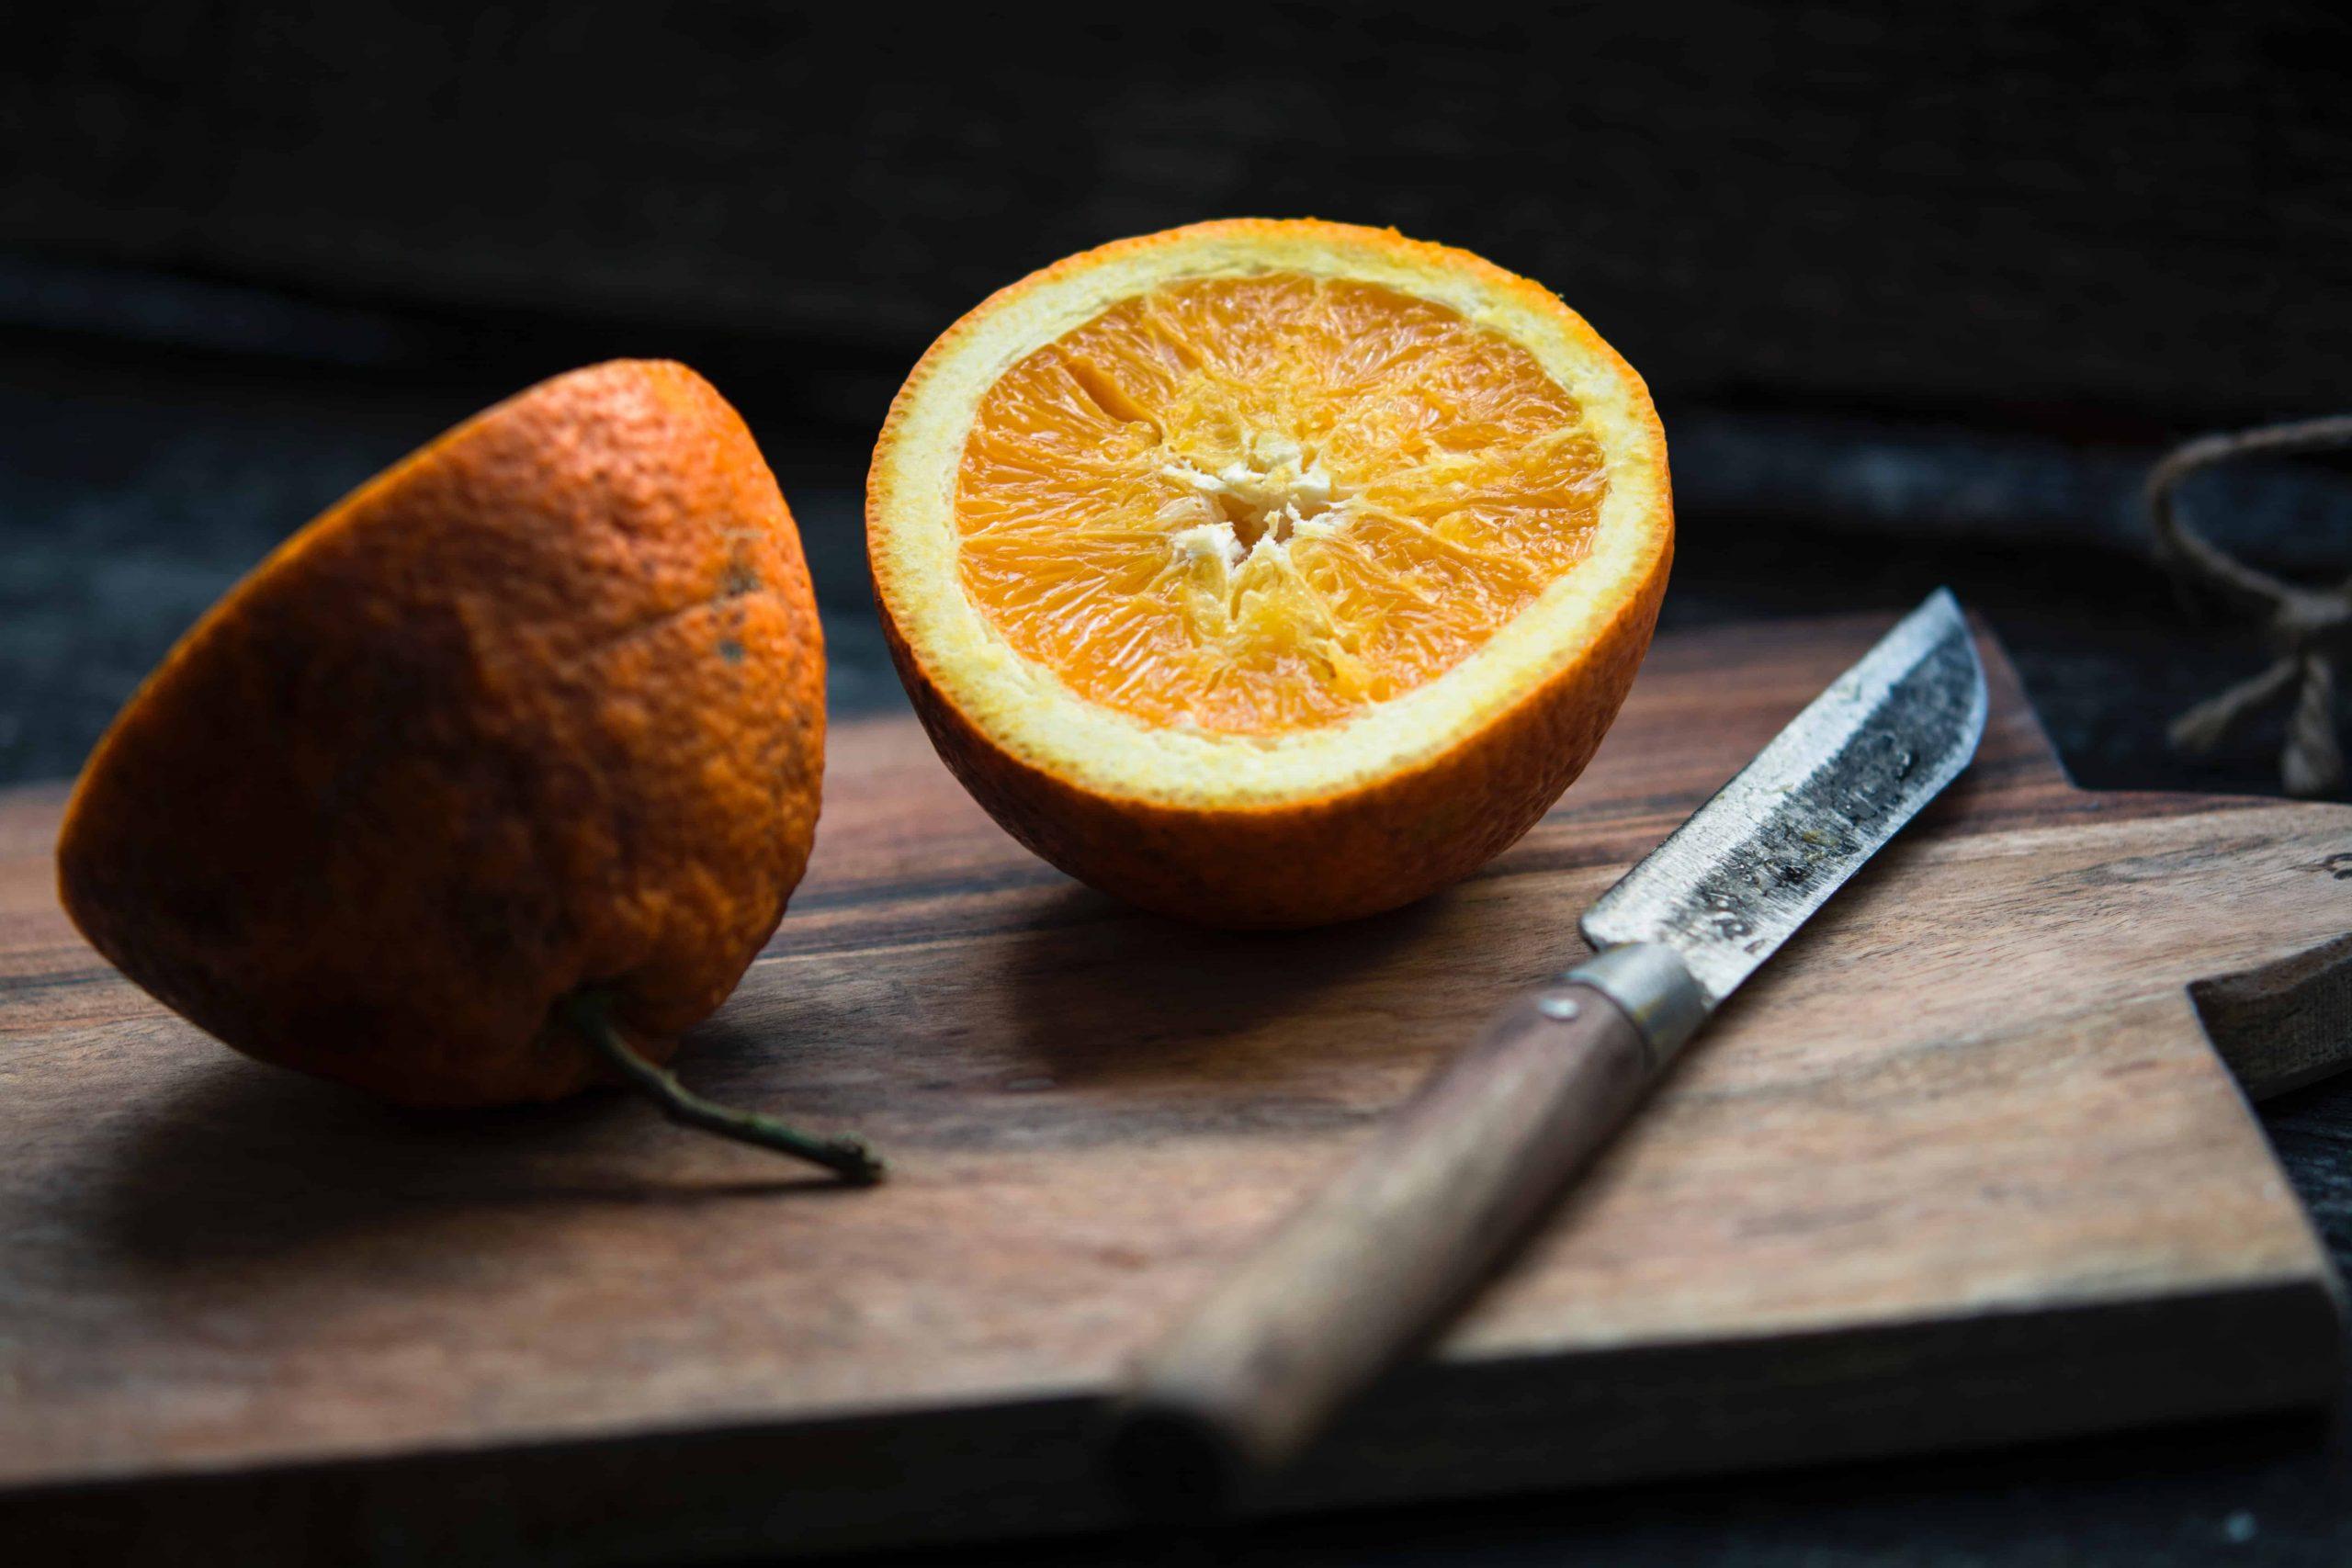 Damastmesser: Test & Empfehlungen (10/20)